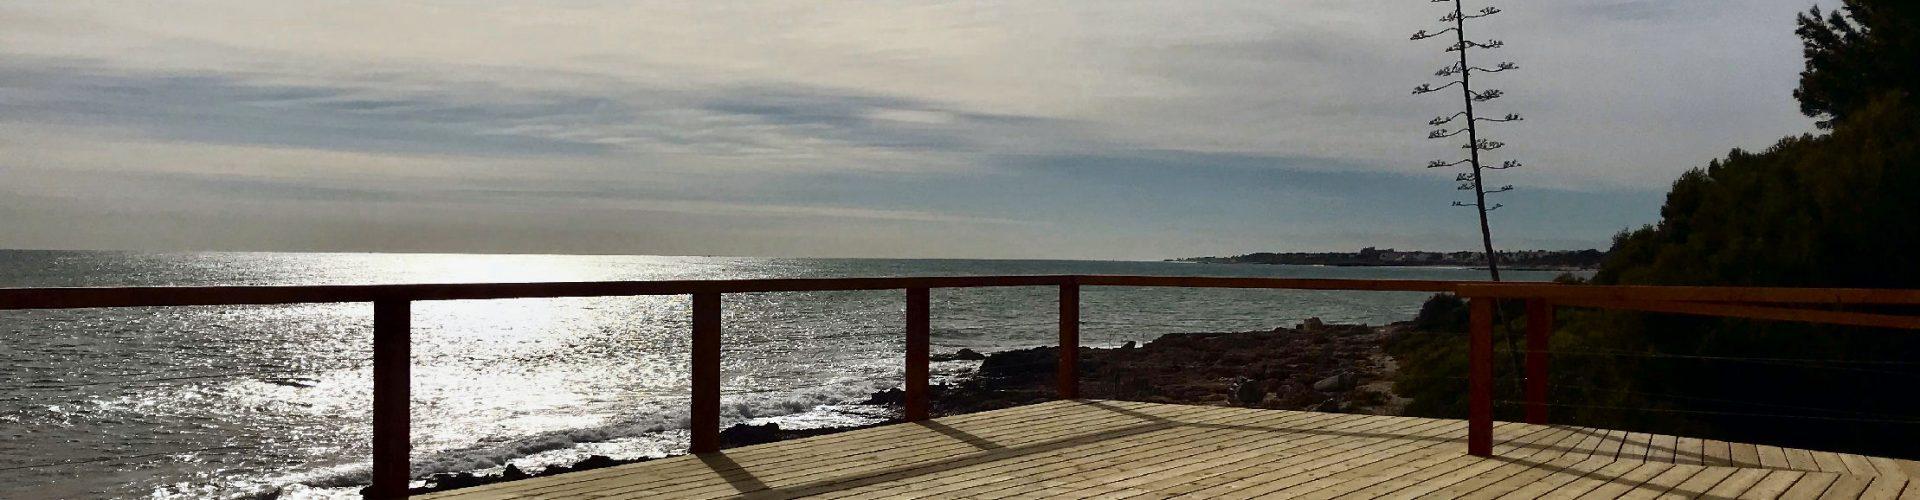 Finalitza la construcció del nou mirador al costat del port esportiu de Alcossebre